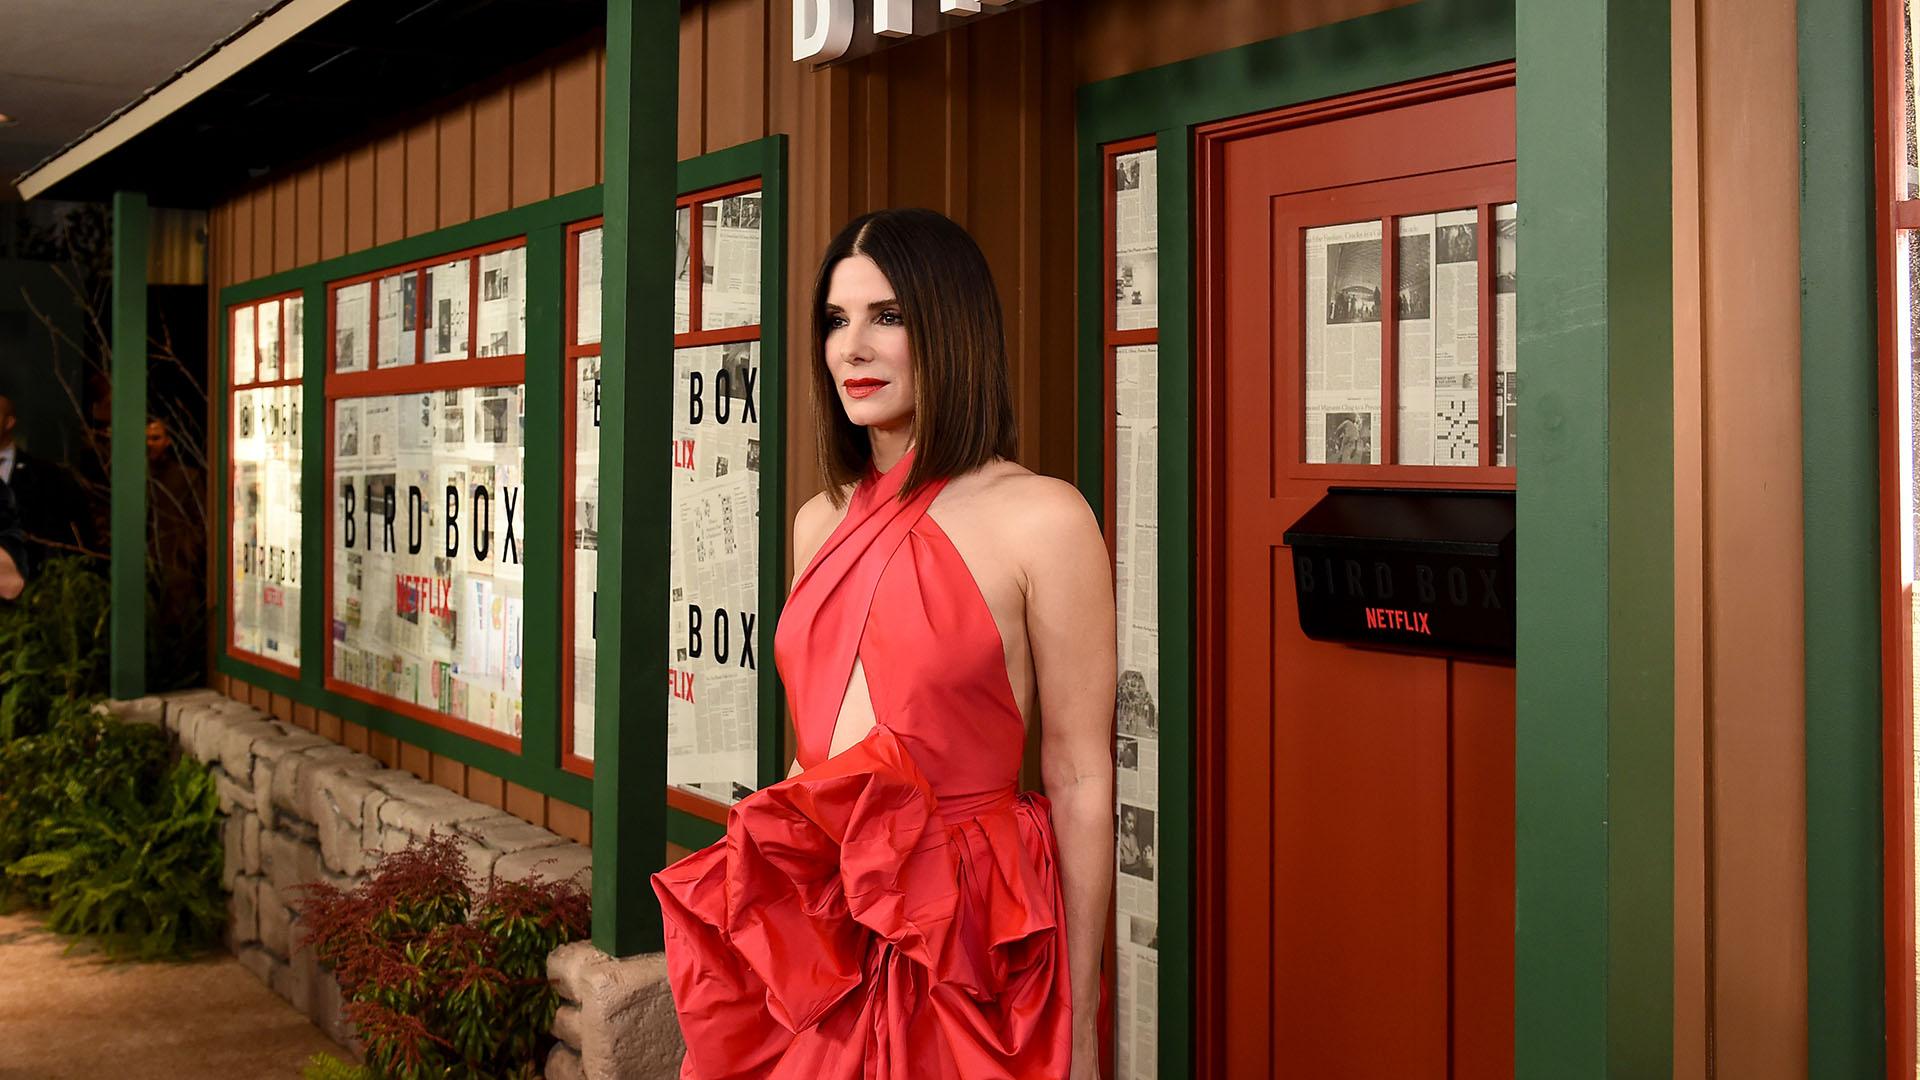 A los 54 años, la actriz mantiene intacta su belleza y su esbelta figura, que quedaba en evidencia con este impactante vestido colorado